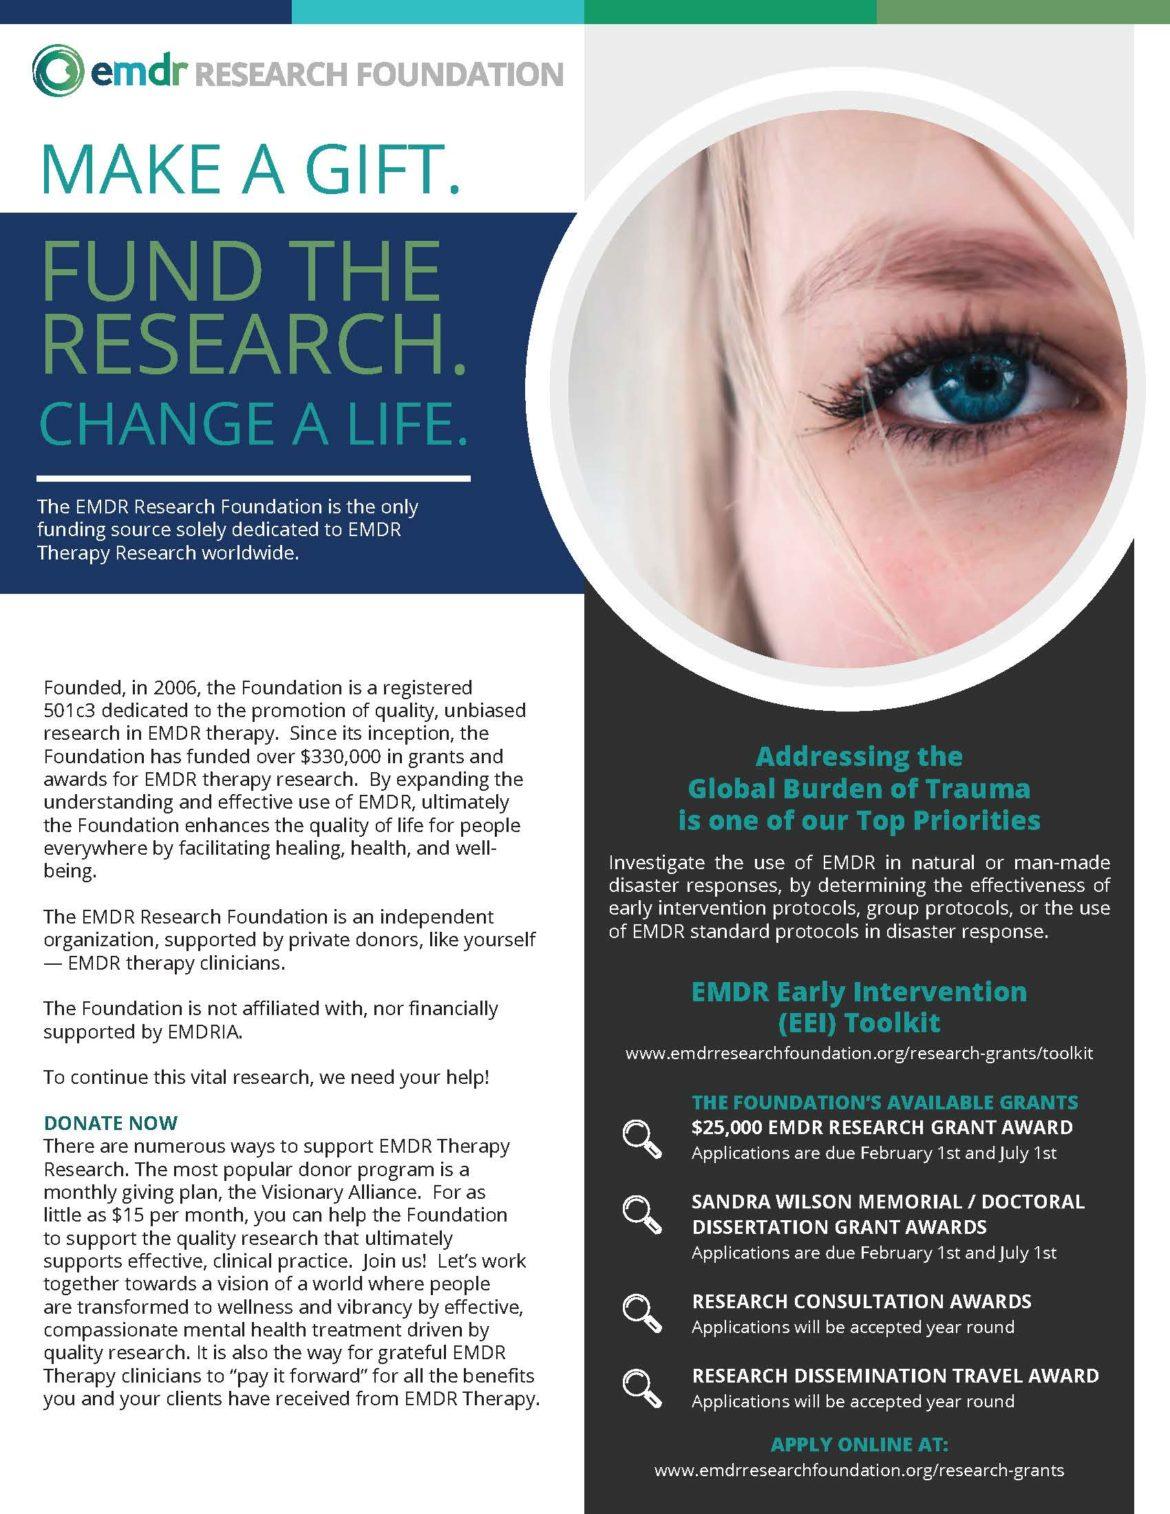 Fundraising Flier